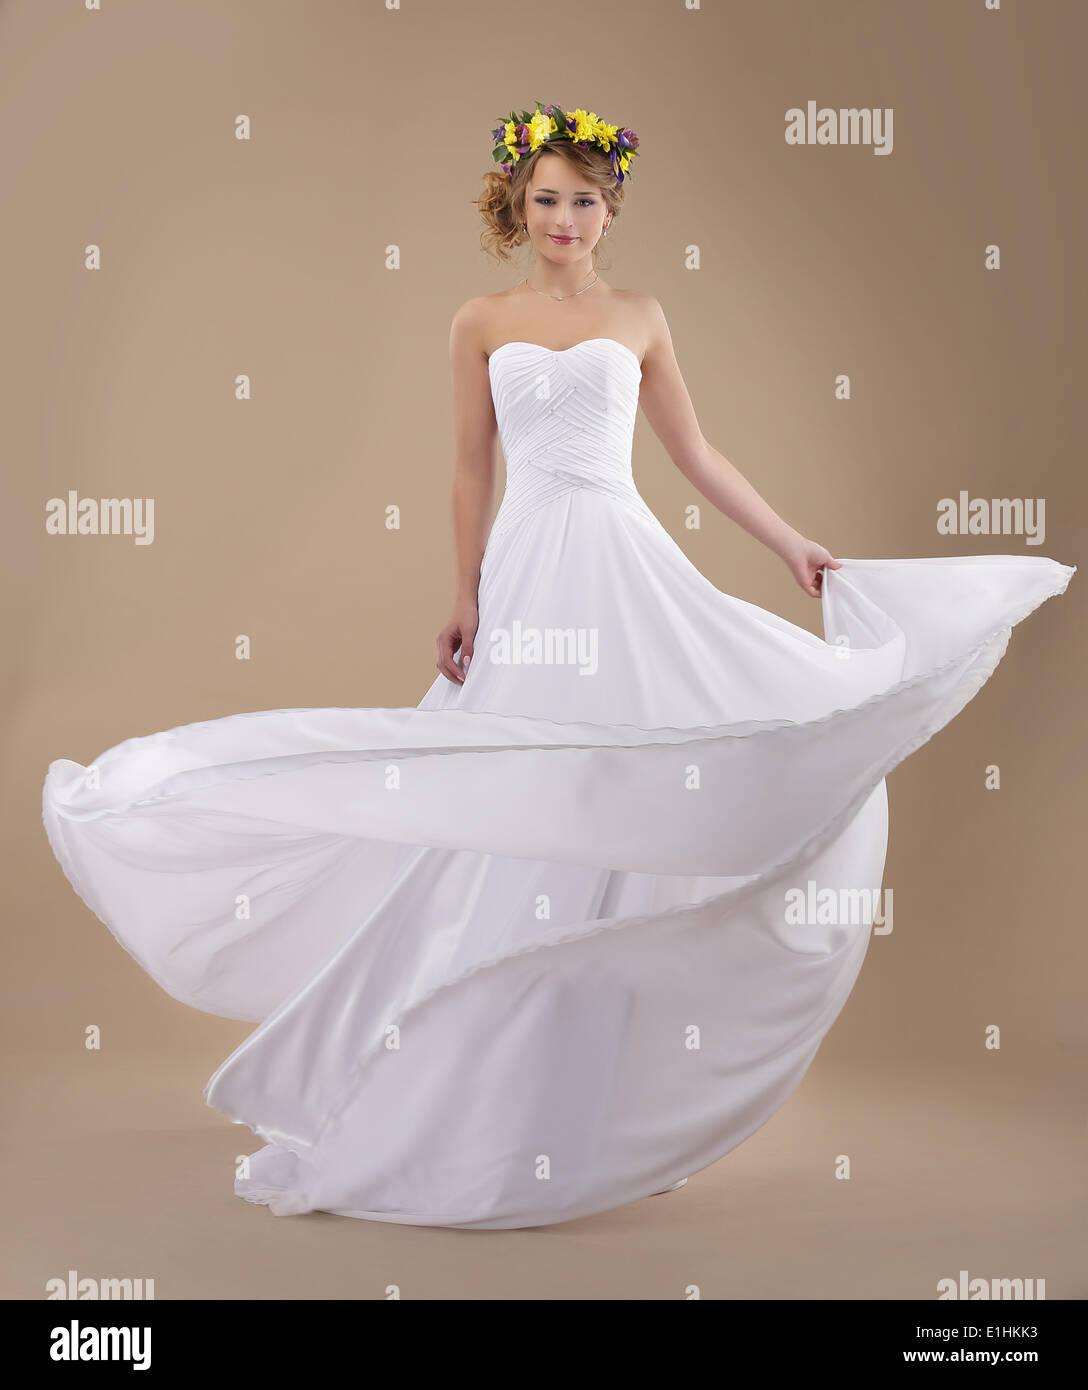 Il movimento. Donna con la corona di fiori e svolazzanti abito leggero Immagini Stock